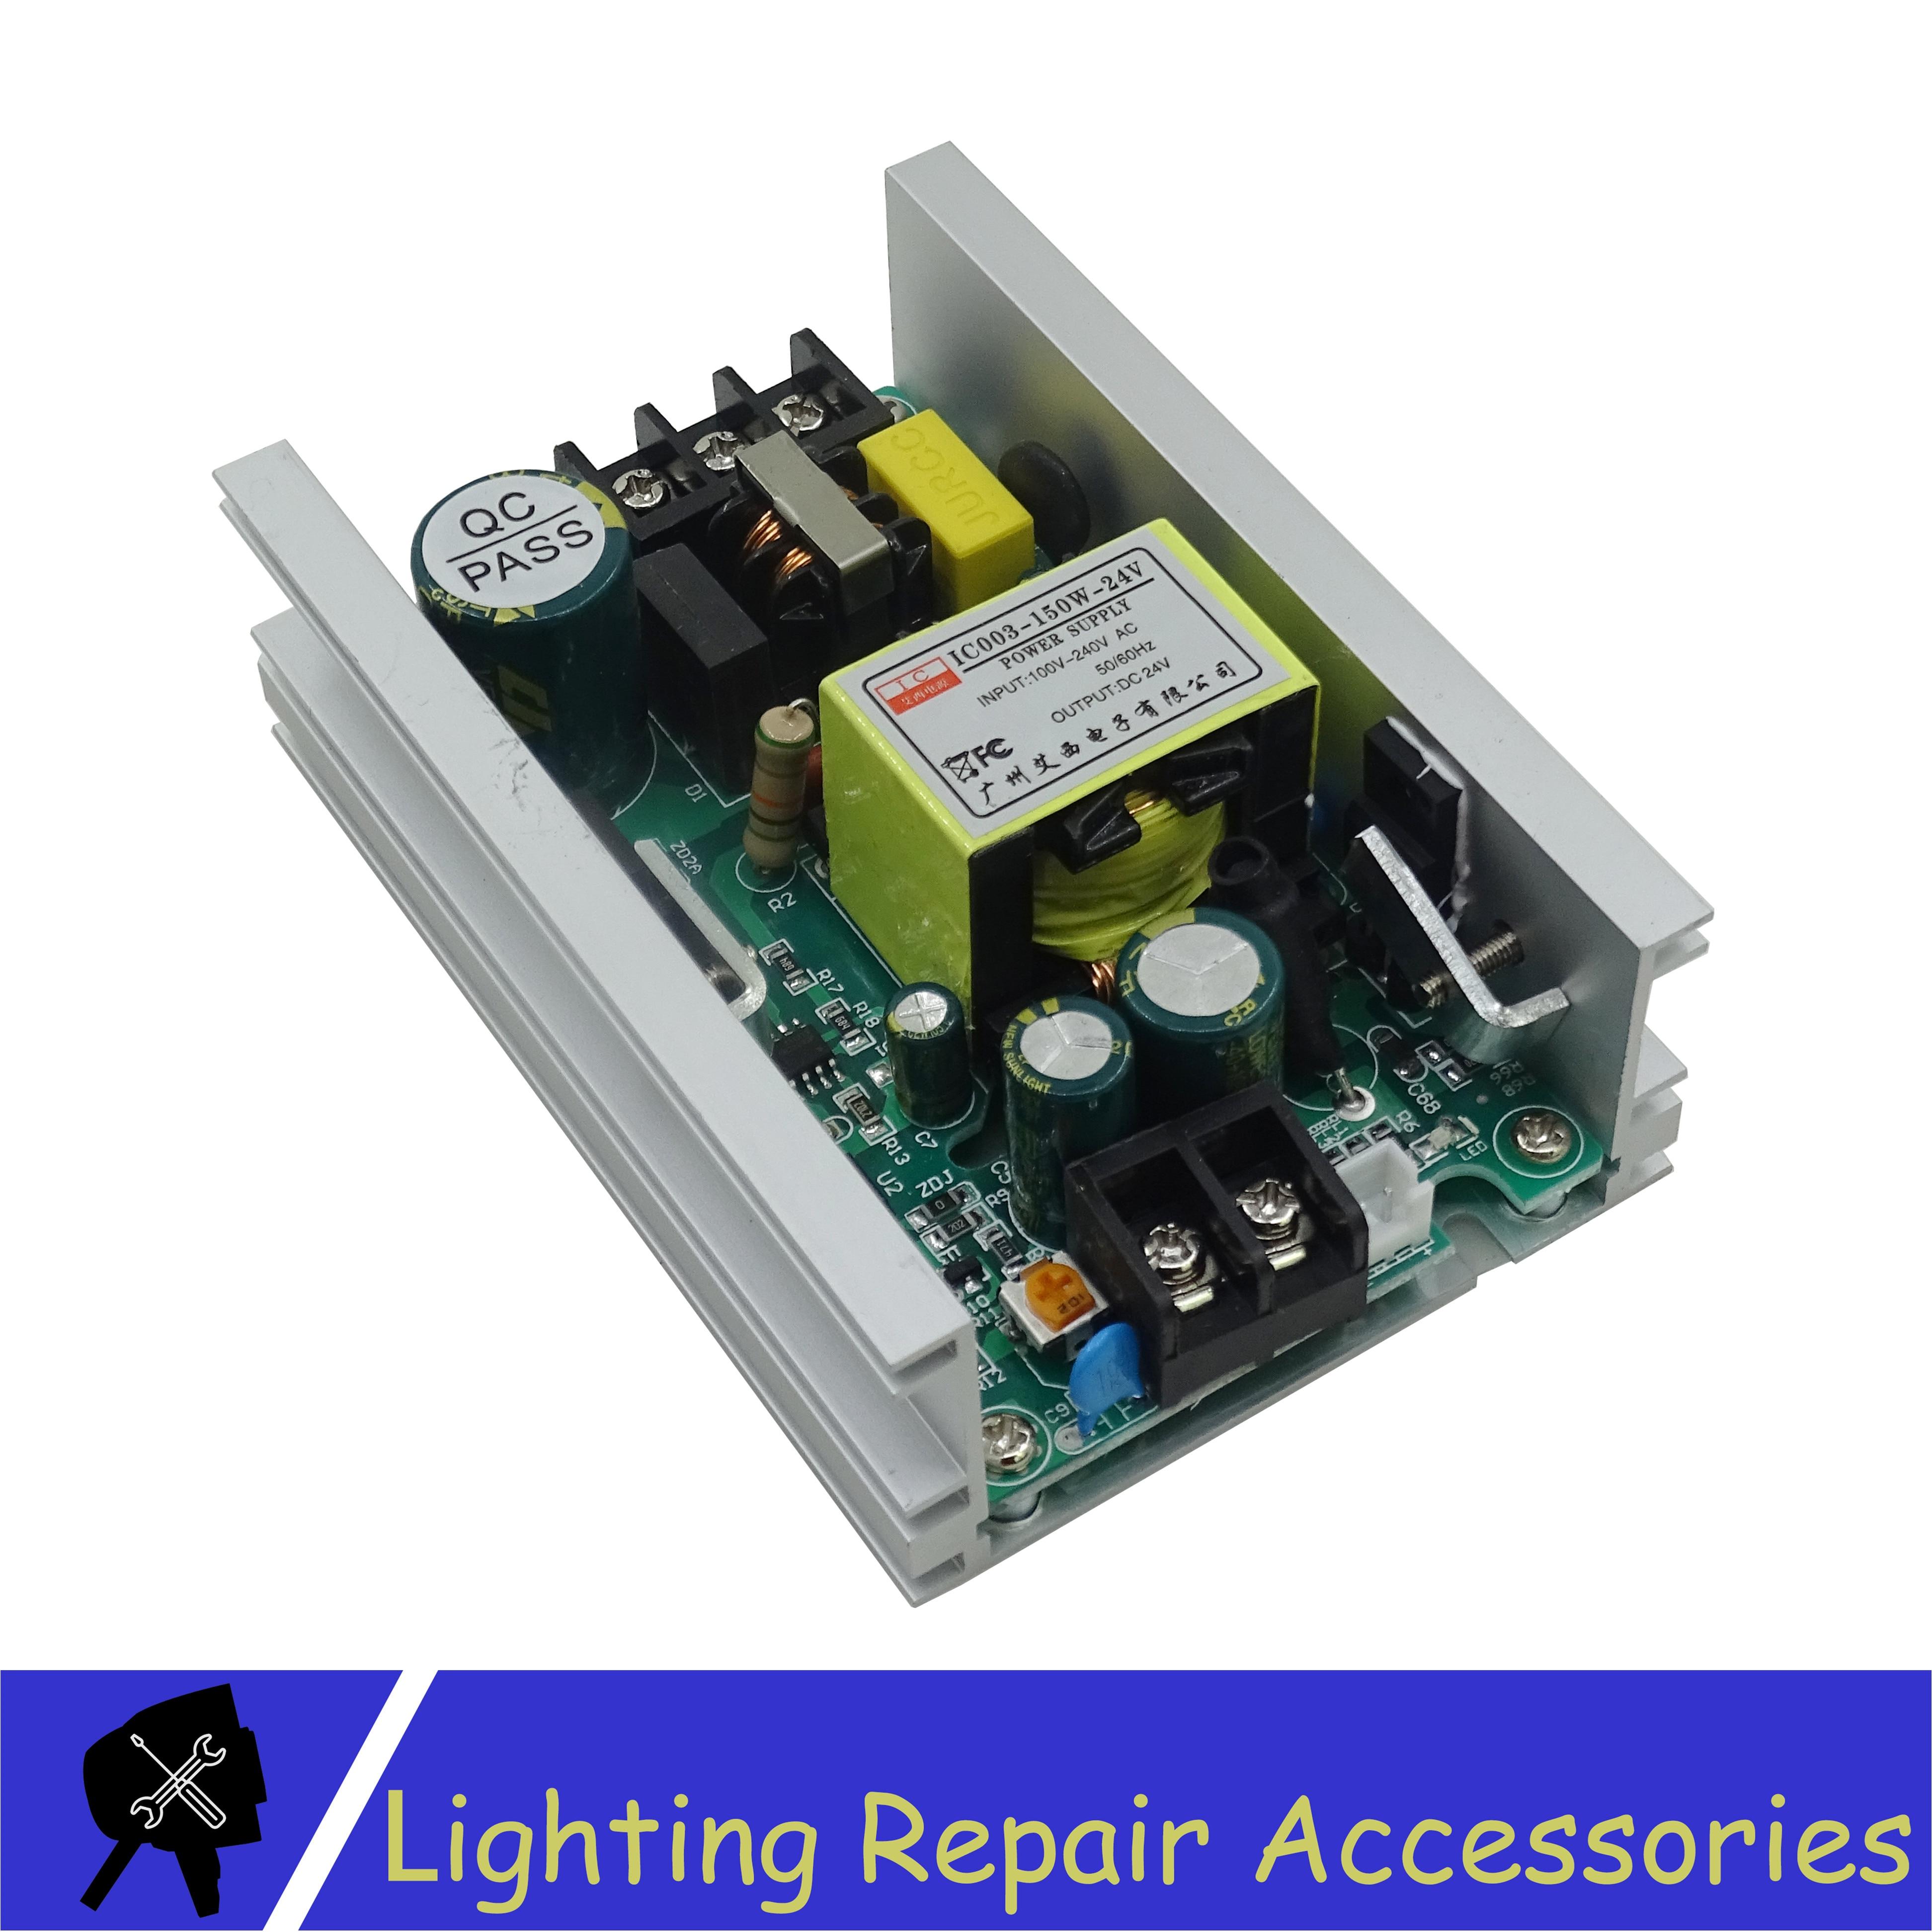 Led Par импульсный источник питания 24 В 6.5A для 54x3w 18x12w 18x10w 36x3w запасные части для ремонта сценического освещения